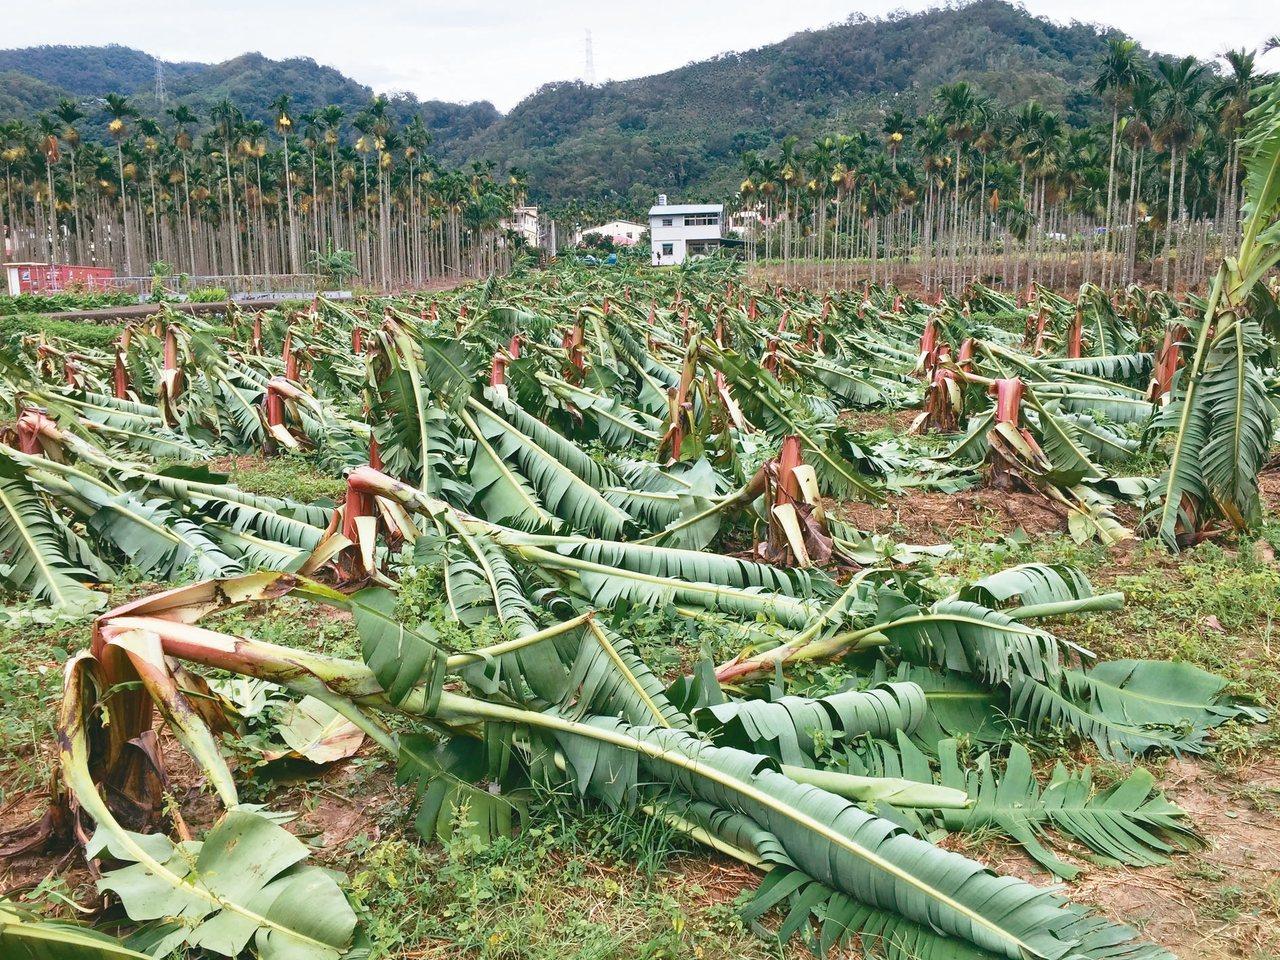 去年強颱過境,蕉農損失慘重。 本報資料照